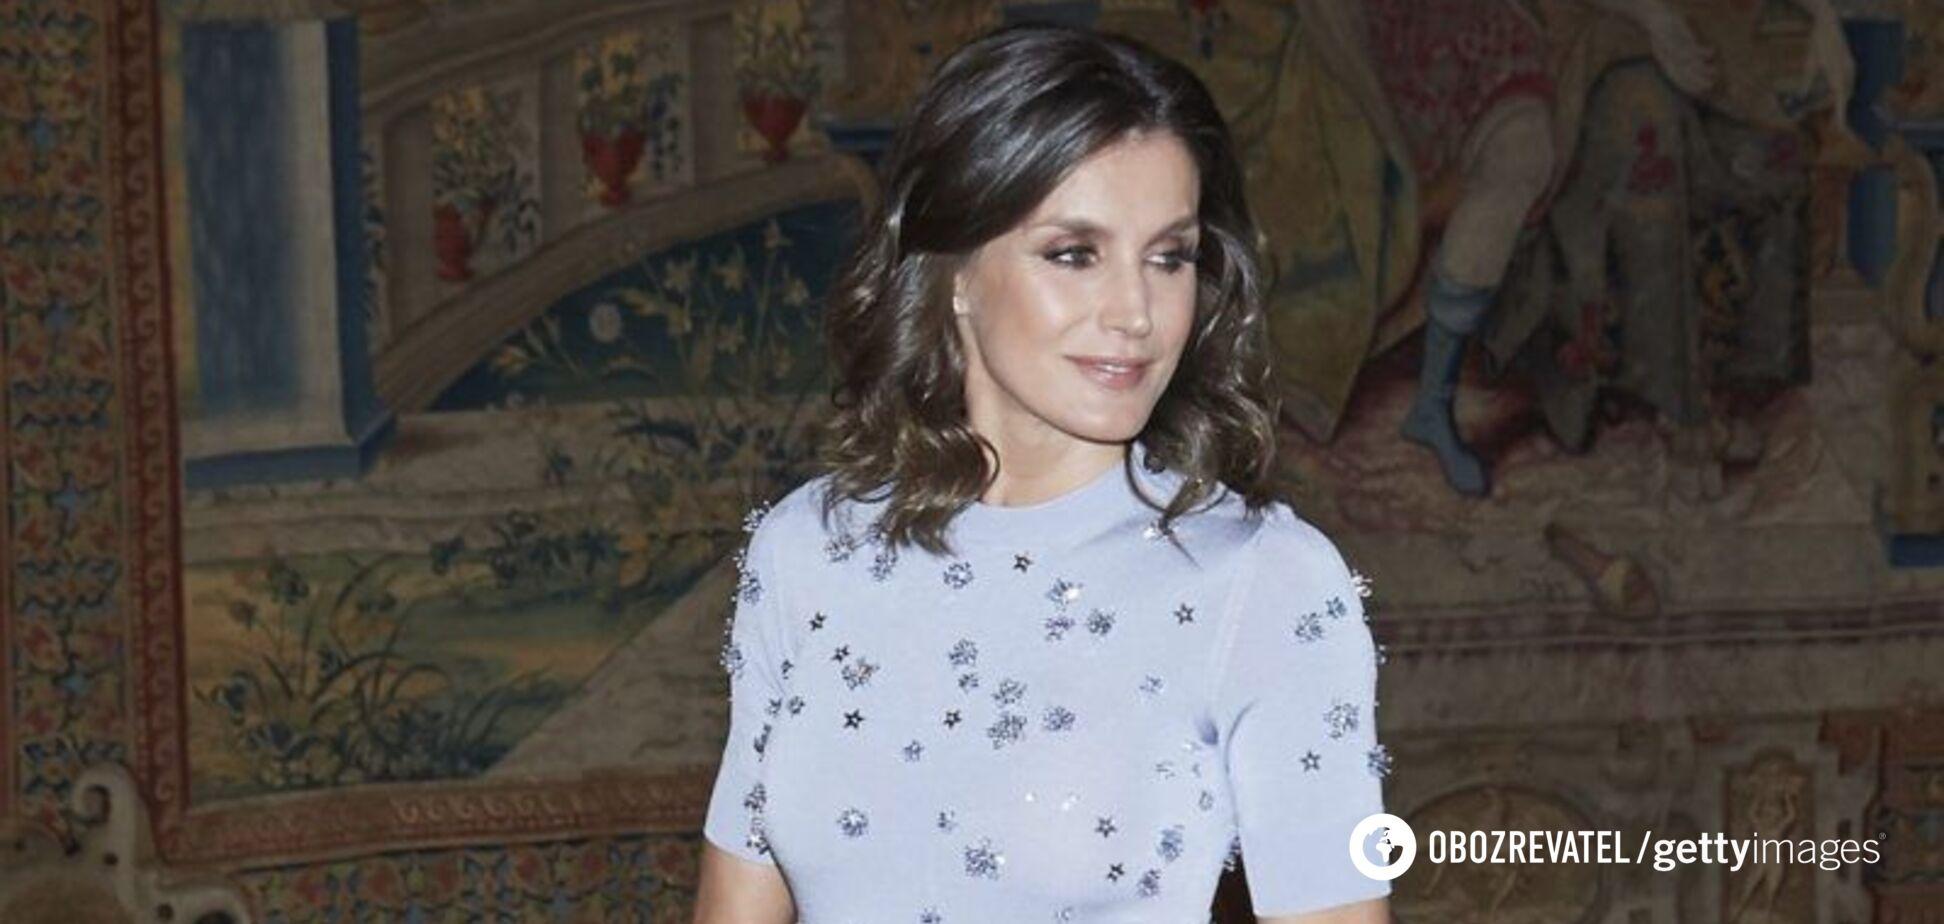 Королева Летиция появилась на публике в элегантном наряде и аксессуарах. Фото